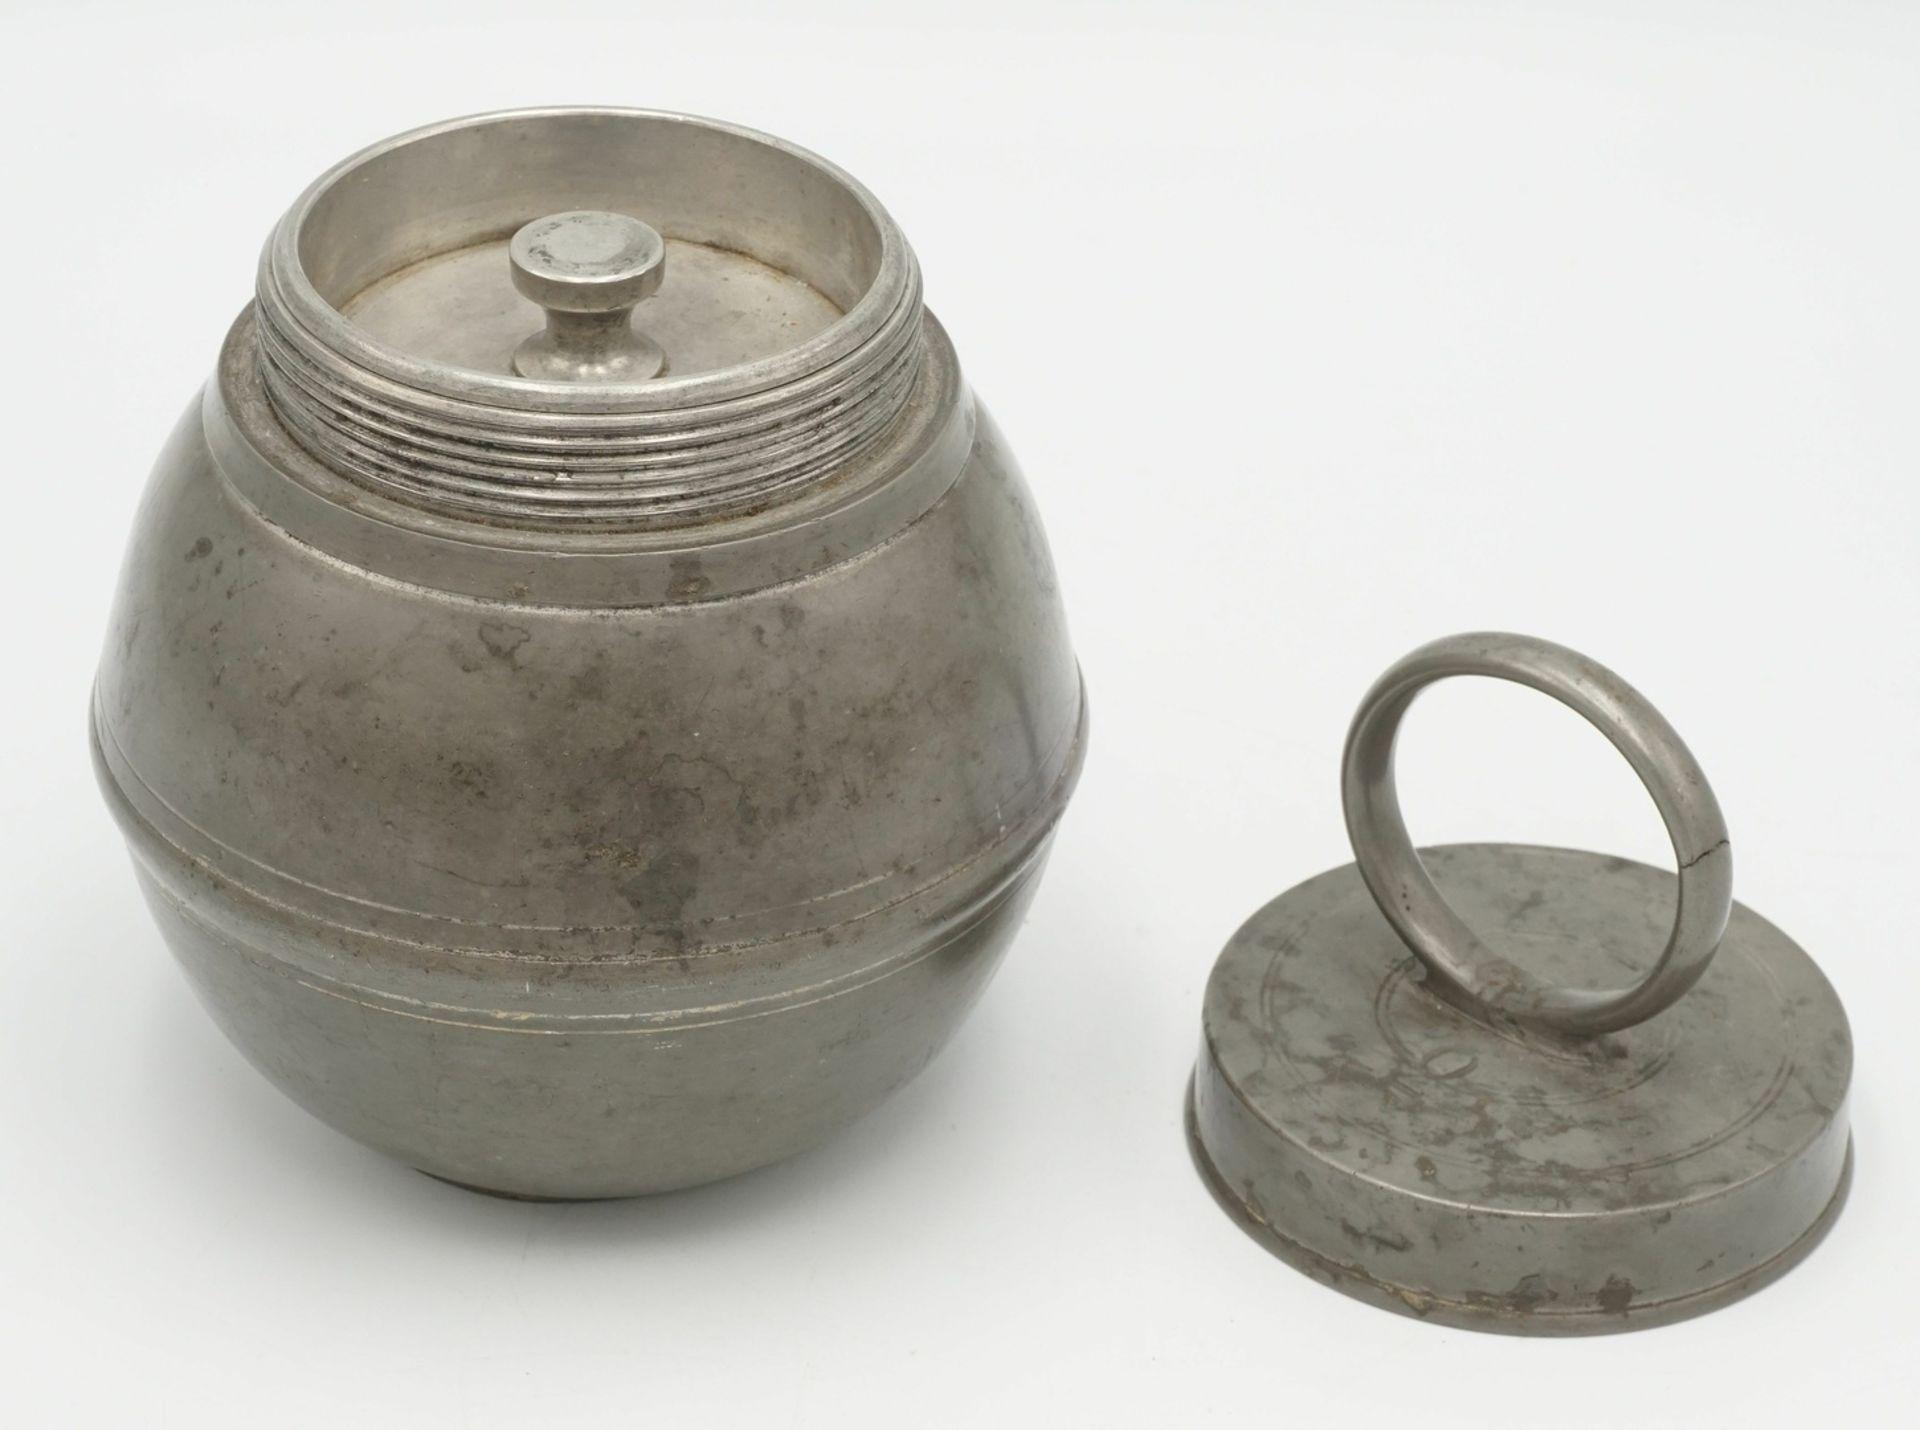 Teedose mit Schraubverschluss - Bild 2 aus 4